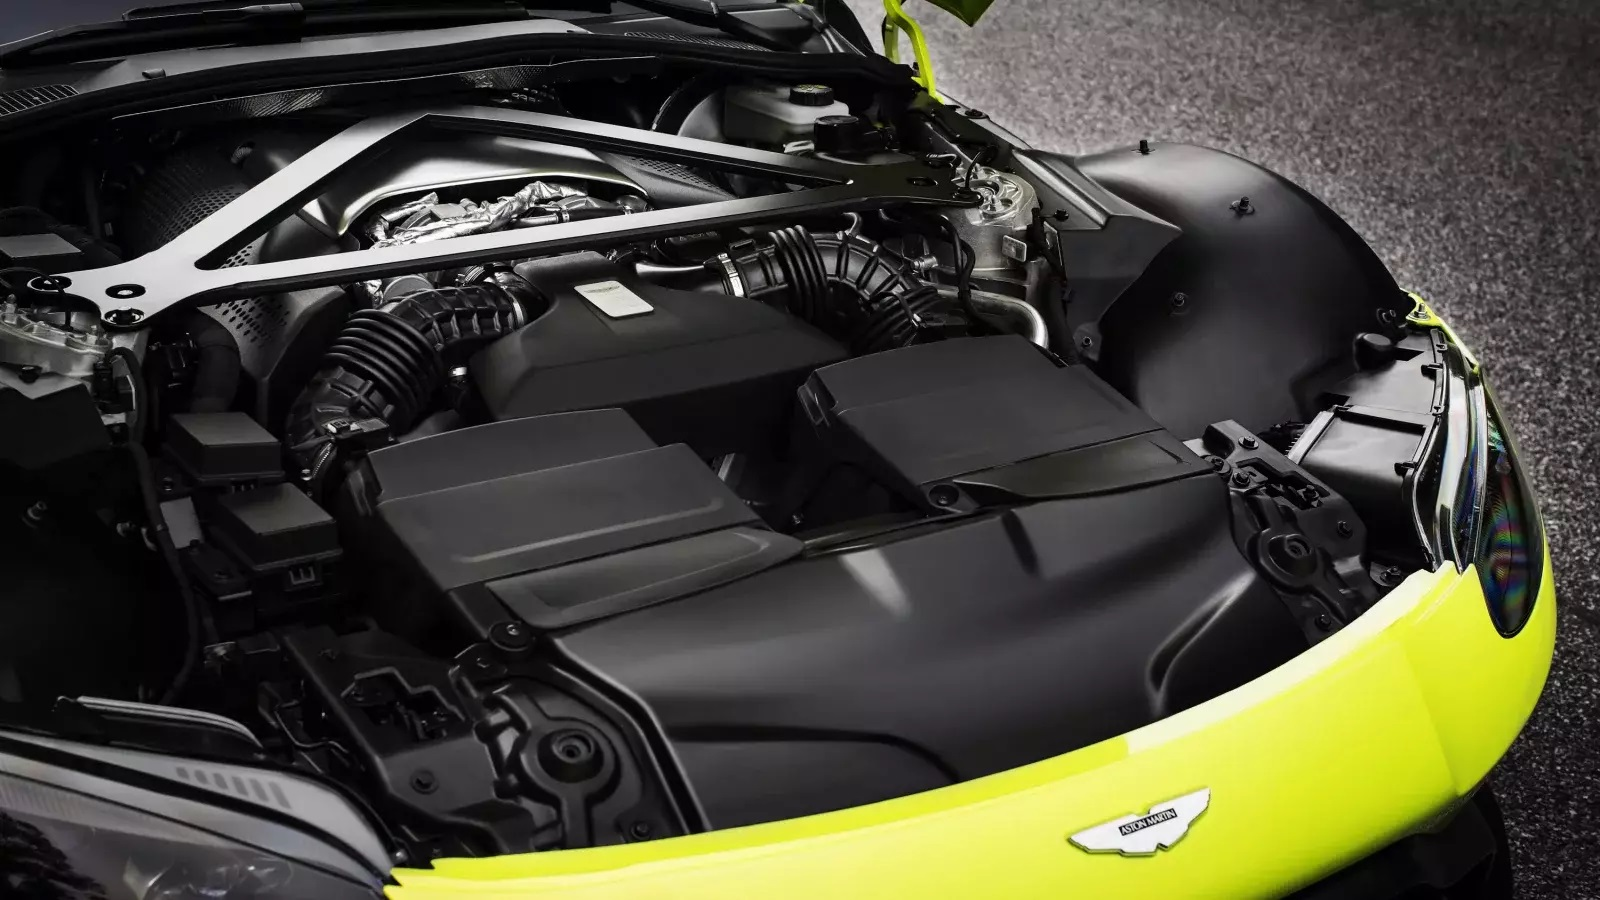 Motor Mercedes-AMG debaixo do capot de um Aston Martin